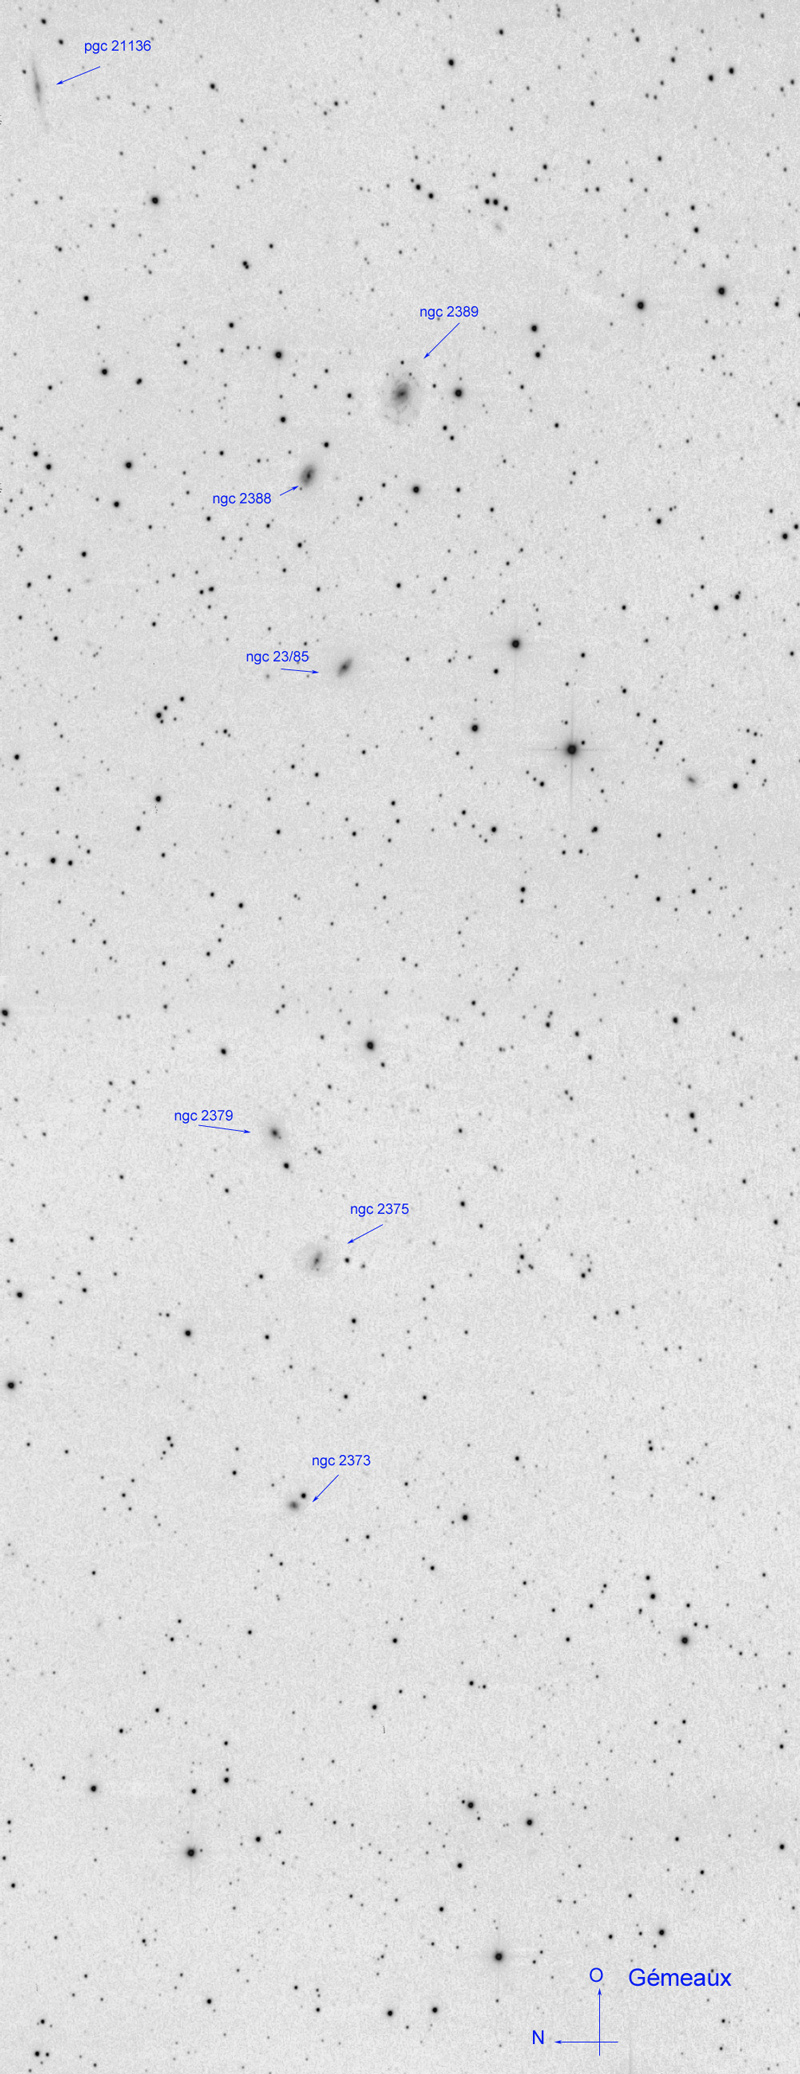 Ciel profond d'hiver - Page 24 Ngc2389_2375neg